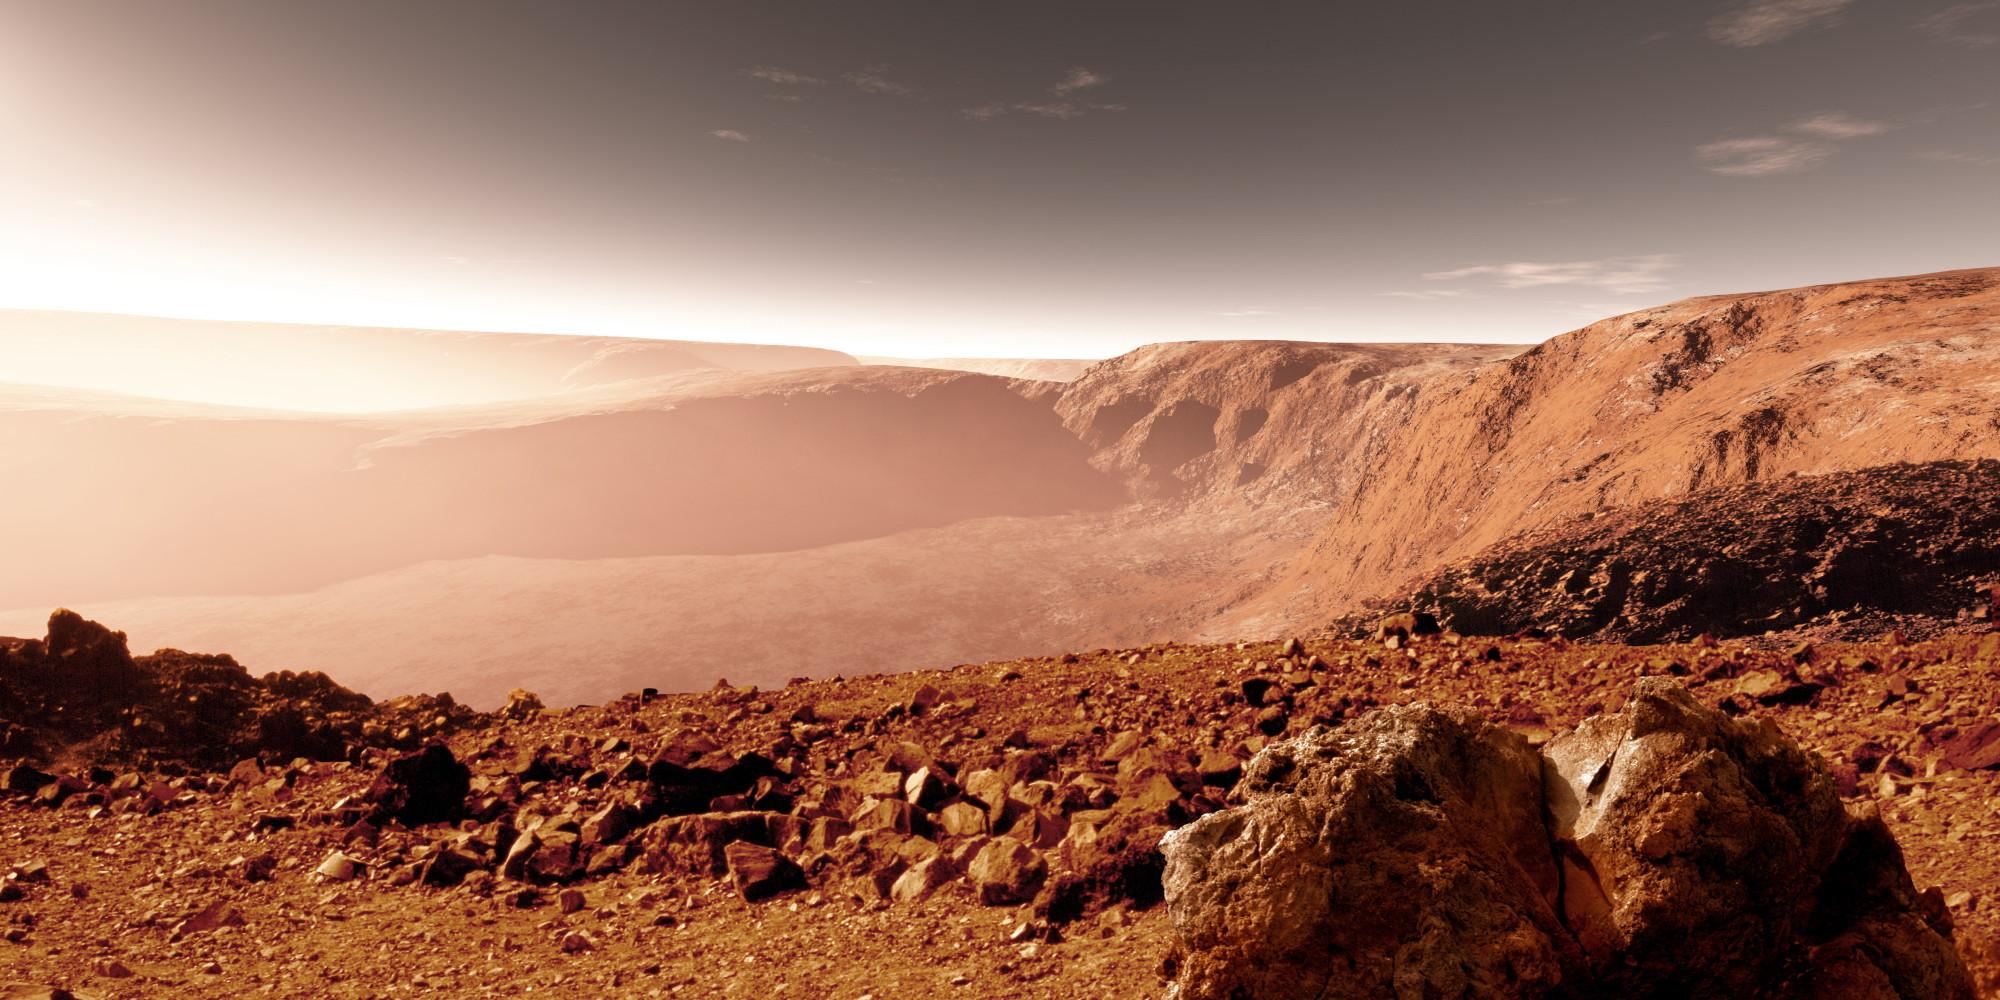 mars landscape materials - HD2000×1000